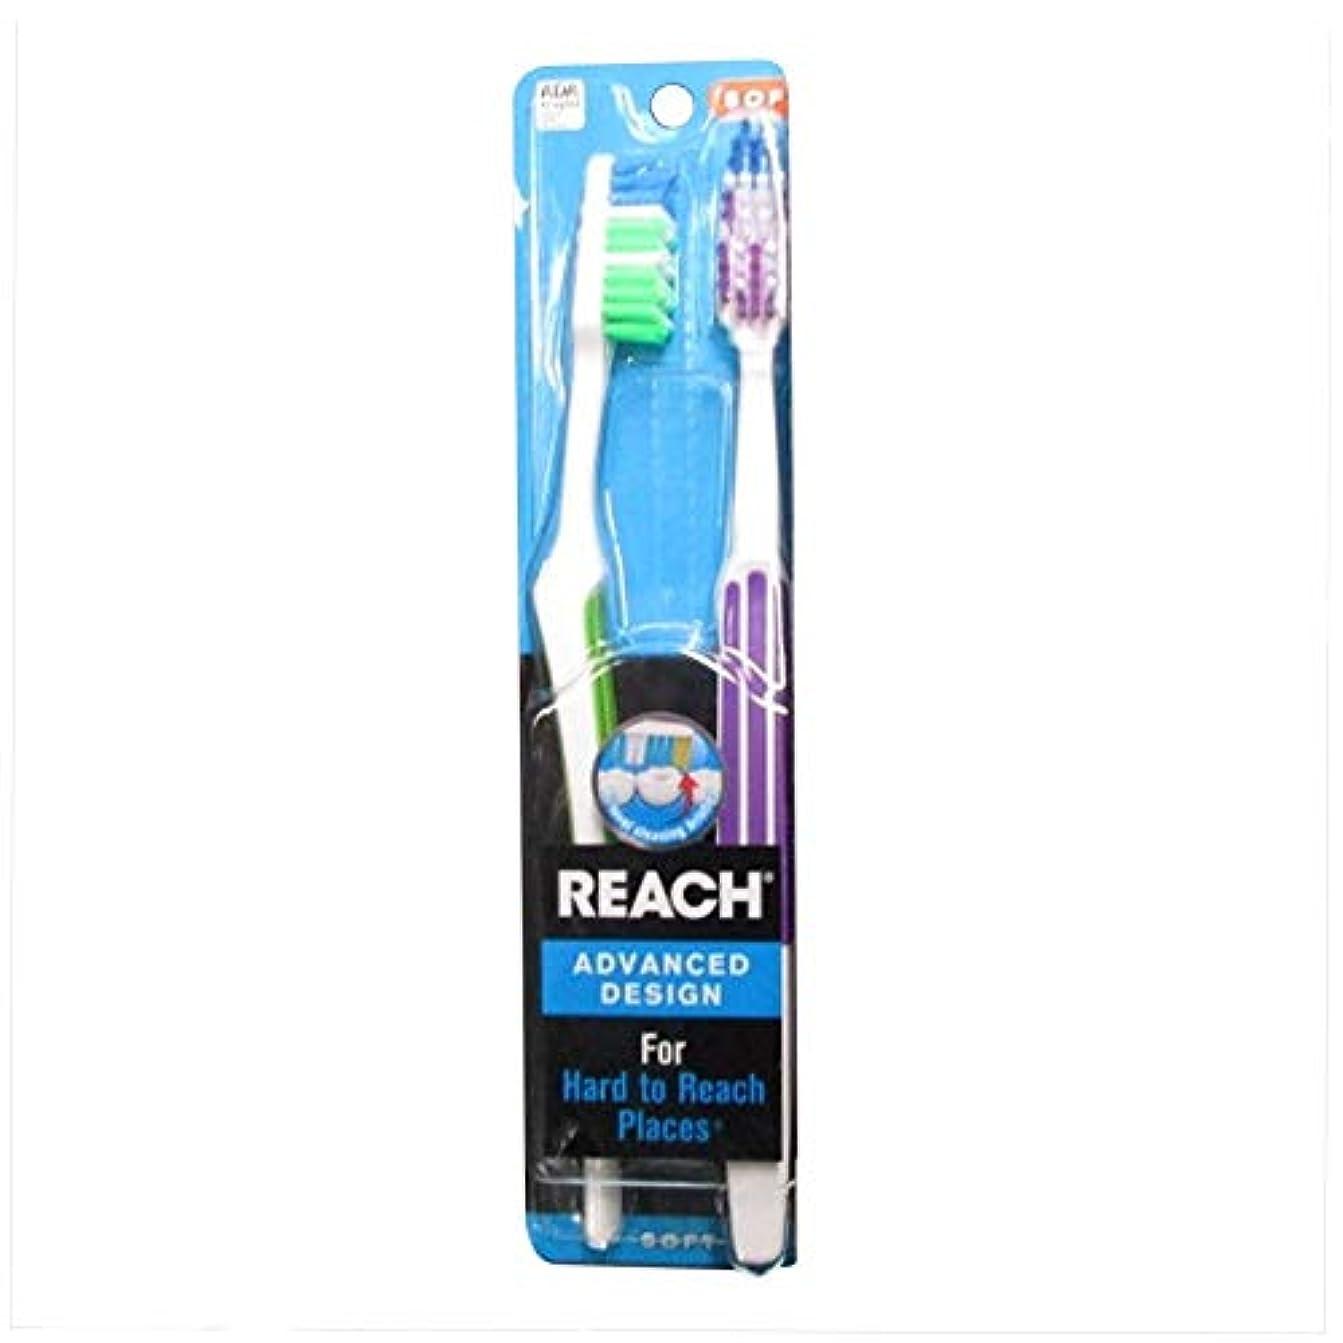 植生霧深い重量Reach 高度なデザイン完全な頭部柔らかい歯ブラシ、盛り合わせ色、2カウント(2パック)合計4歯ブラシ